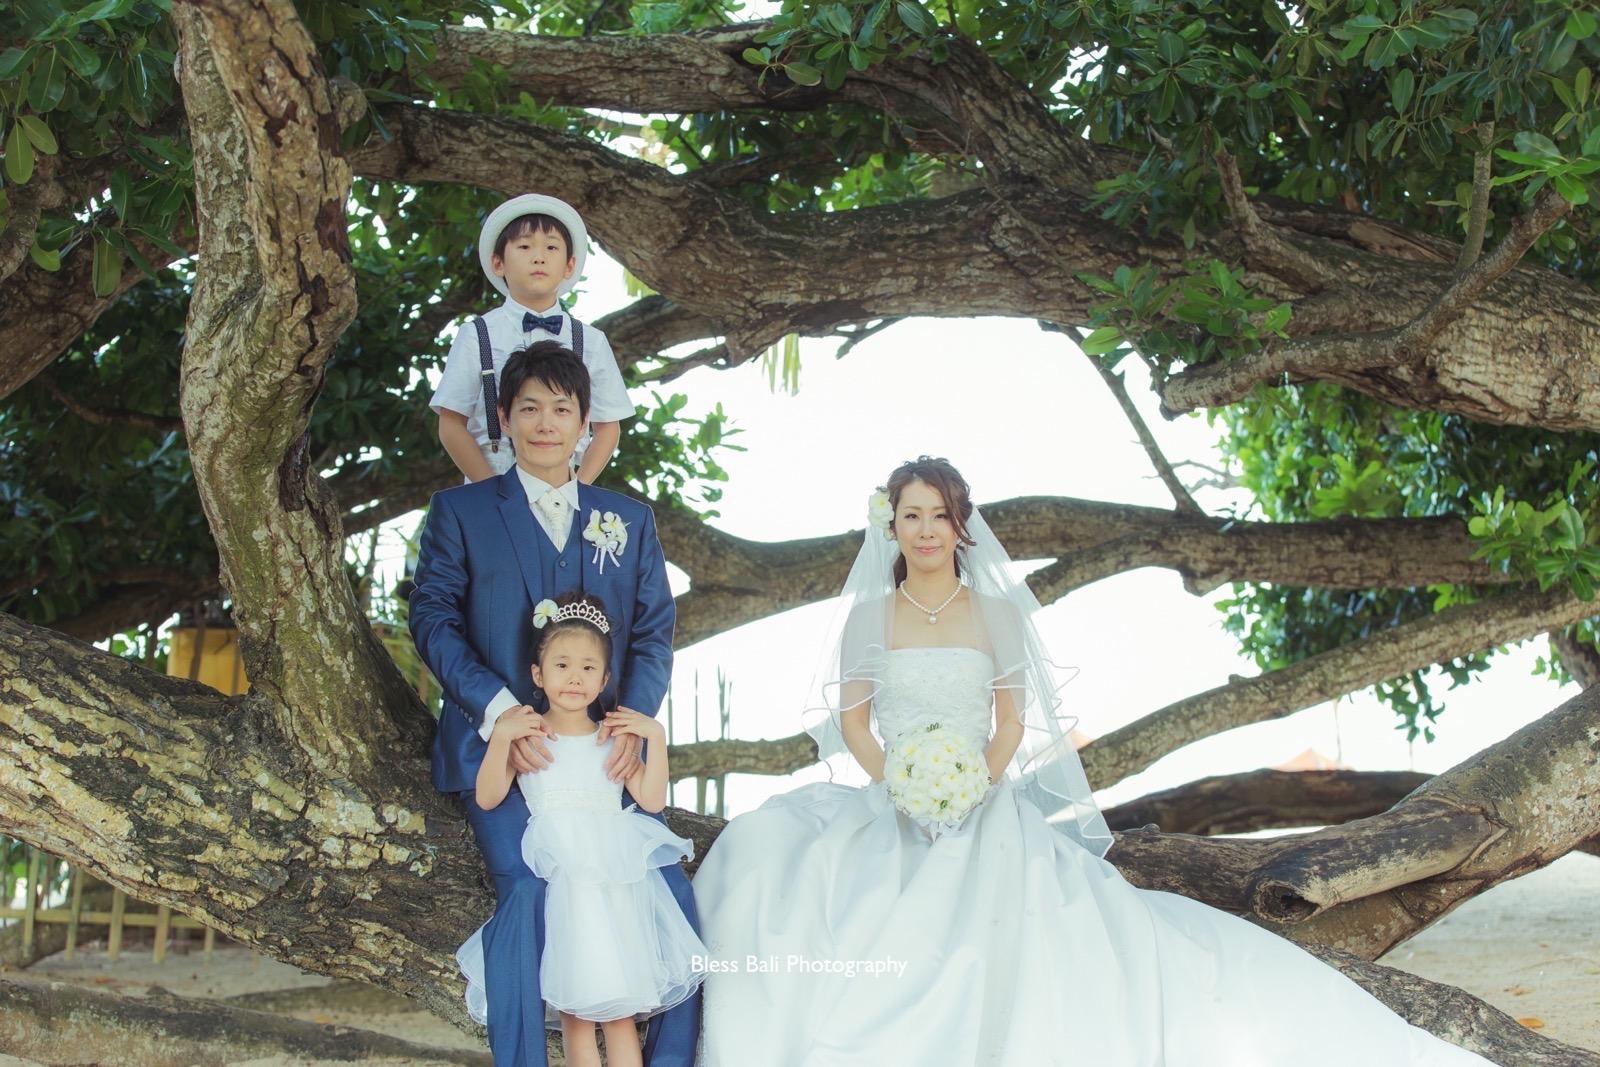 ビーチ脇の木の前でナチュラル感溢れる集合写真